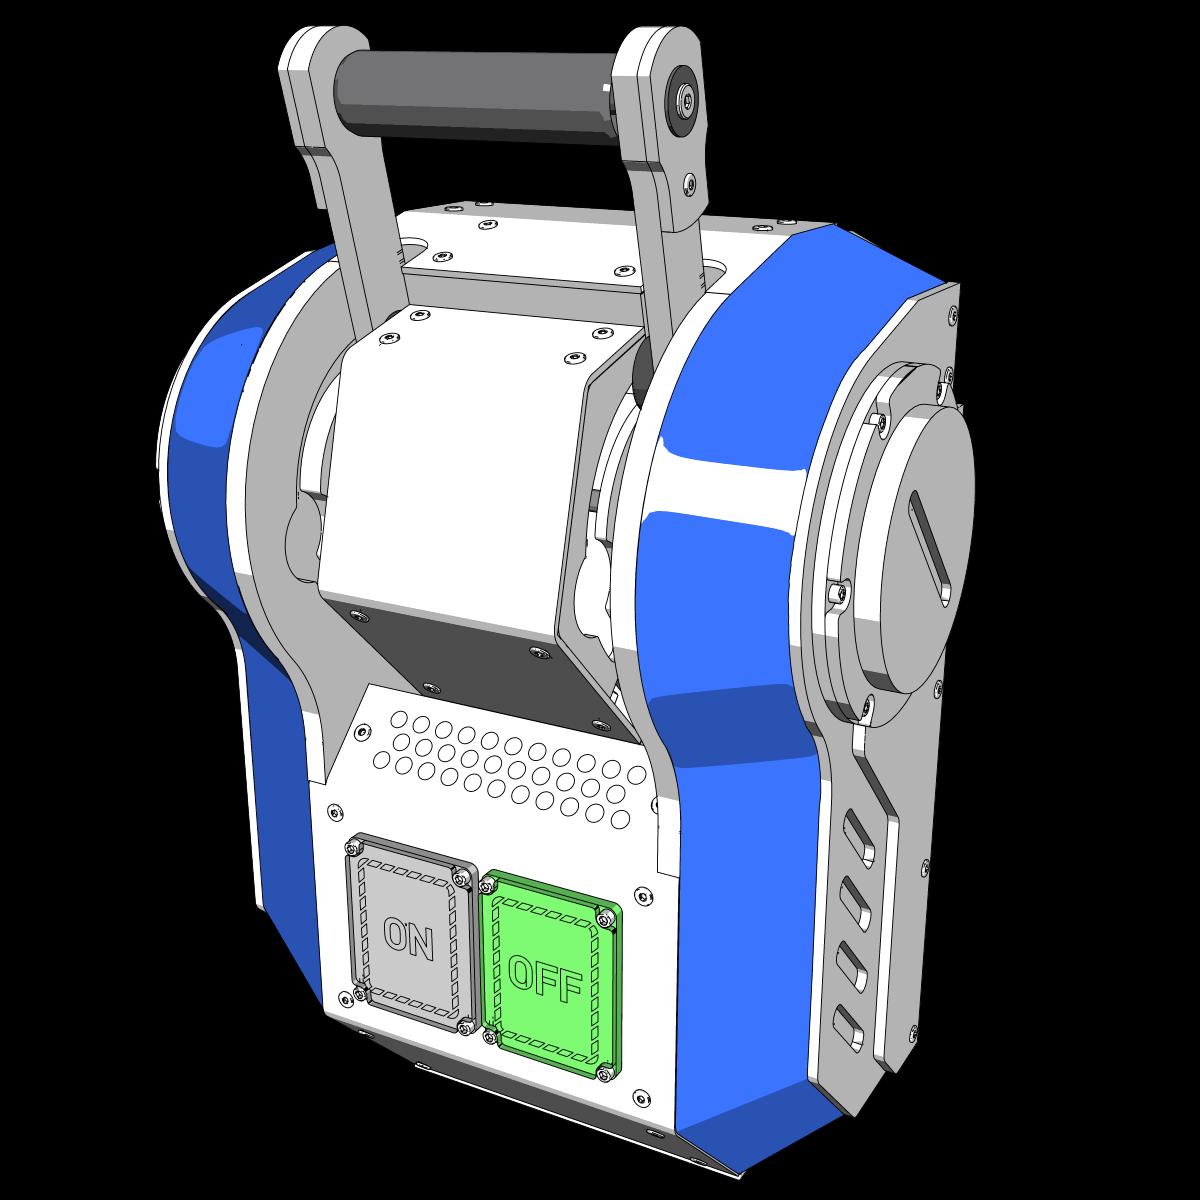 制作お手伝いさせて頂いた株式会社QUICK様の「サーキットブレーカー」、プロダクトのメイキングをちょっとずつ紹介しちゃいます! https://t.co/NfobY3aF06 #IRroid #意匠部3D https://t.co/4Y8h1AfvCg